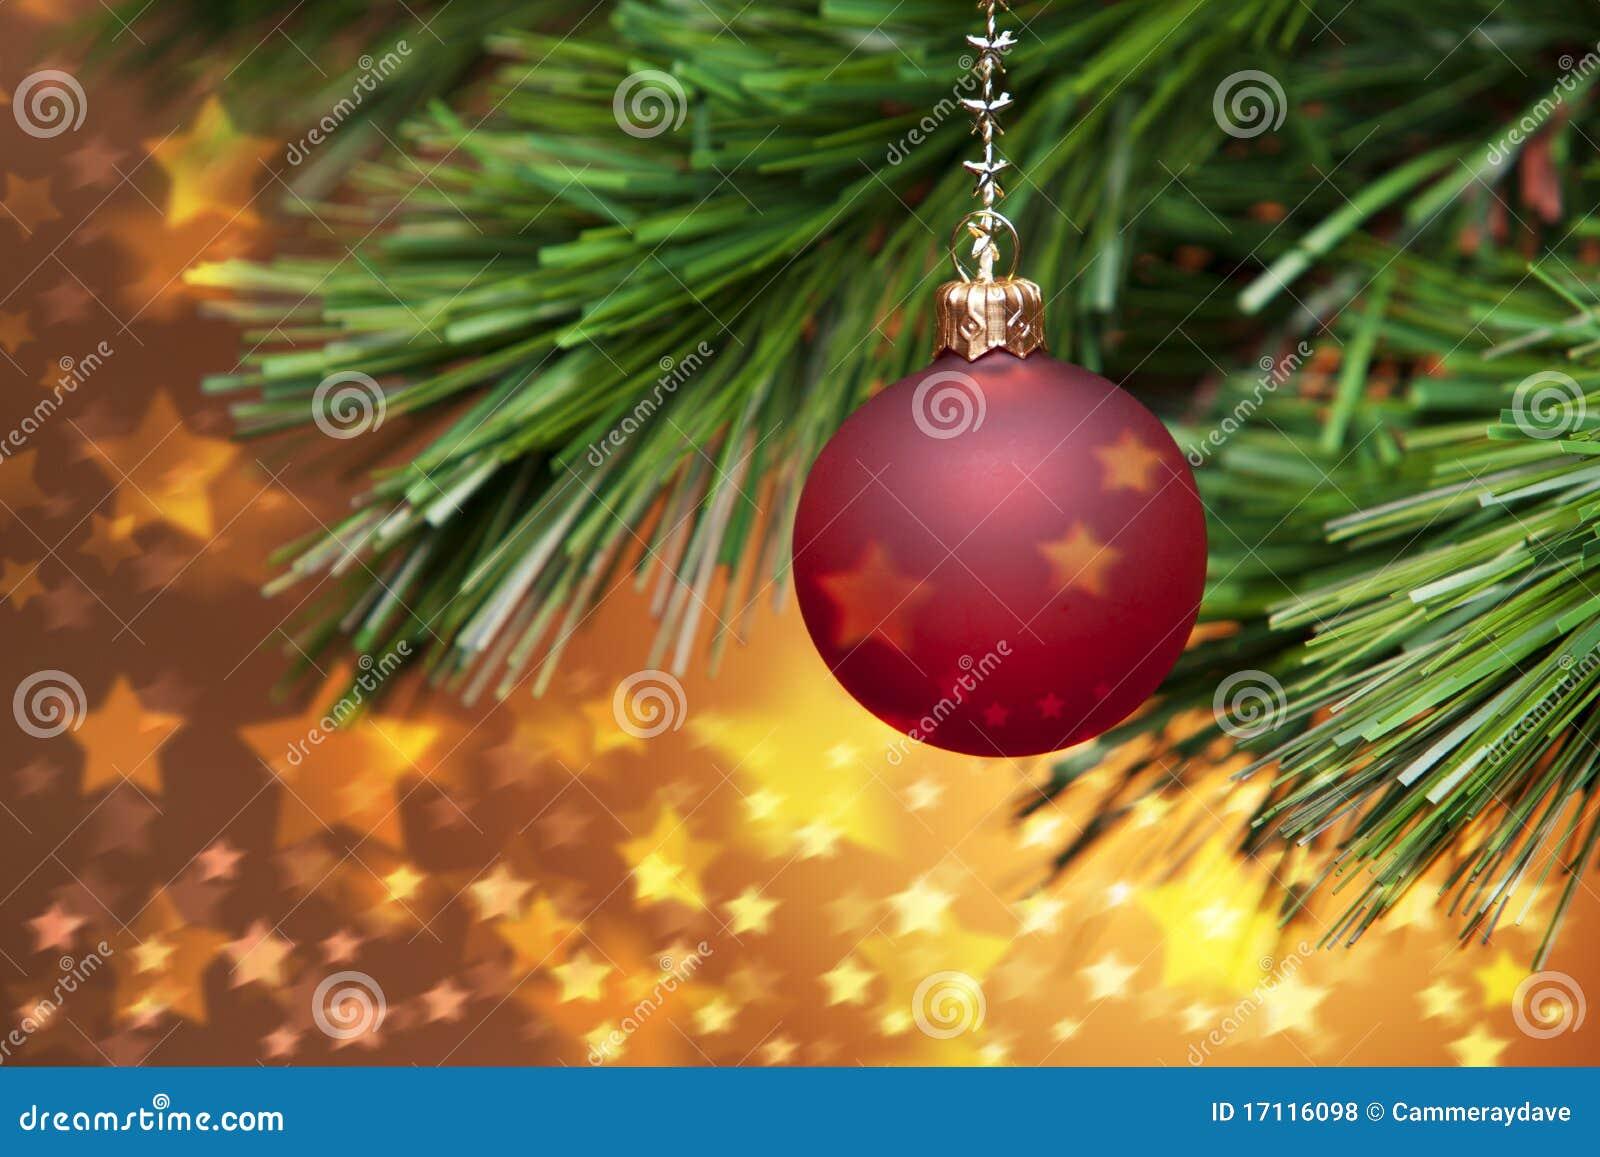 Χριστουγεννιάτικο δέντρο και χρυσά αστέρια